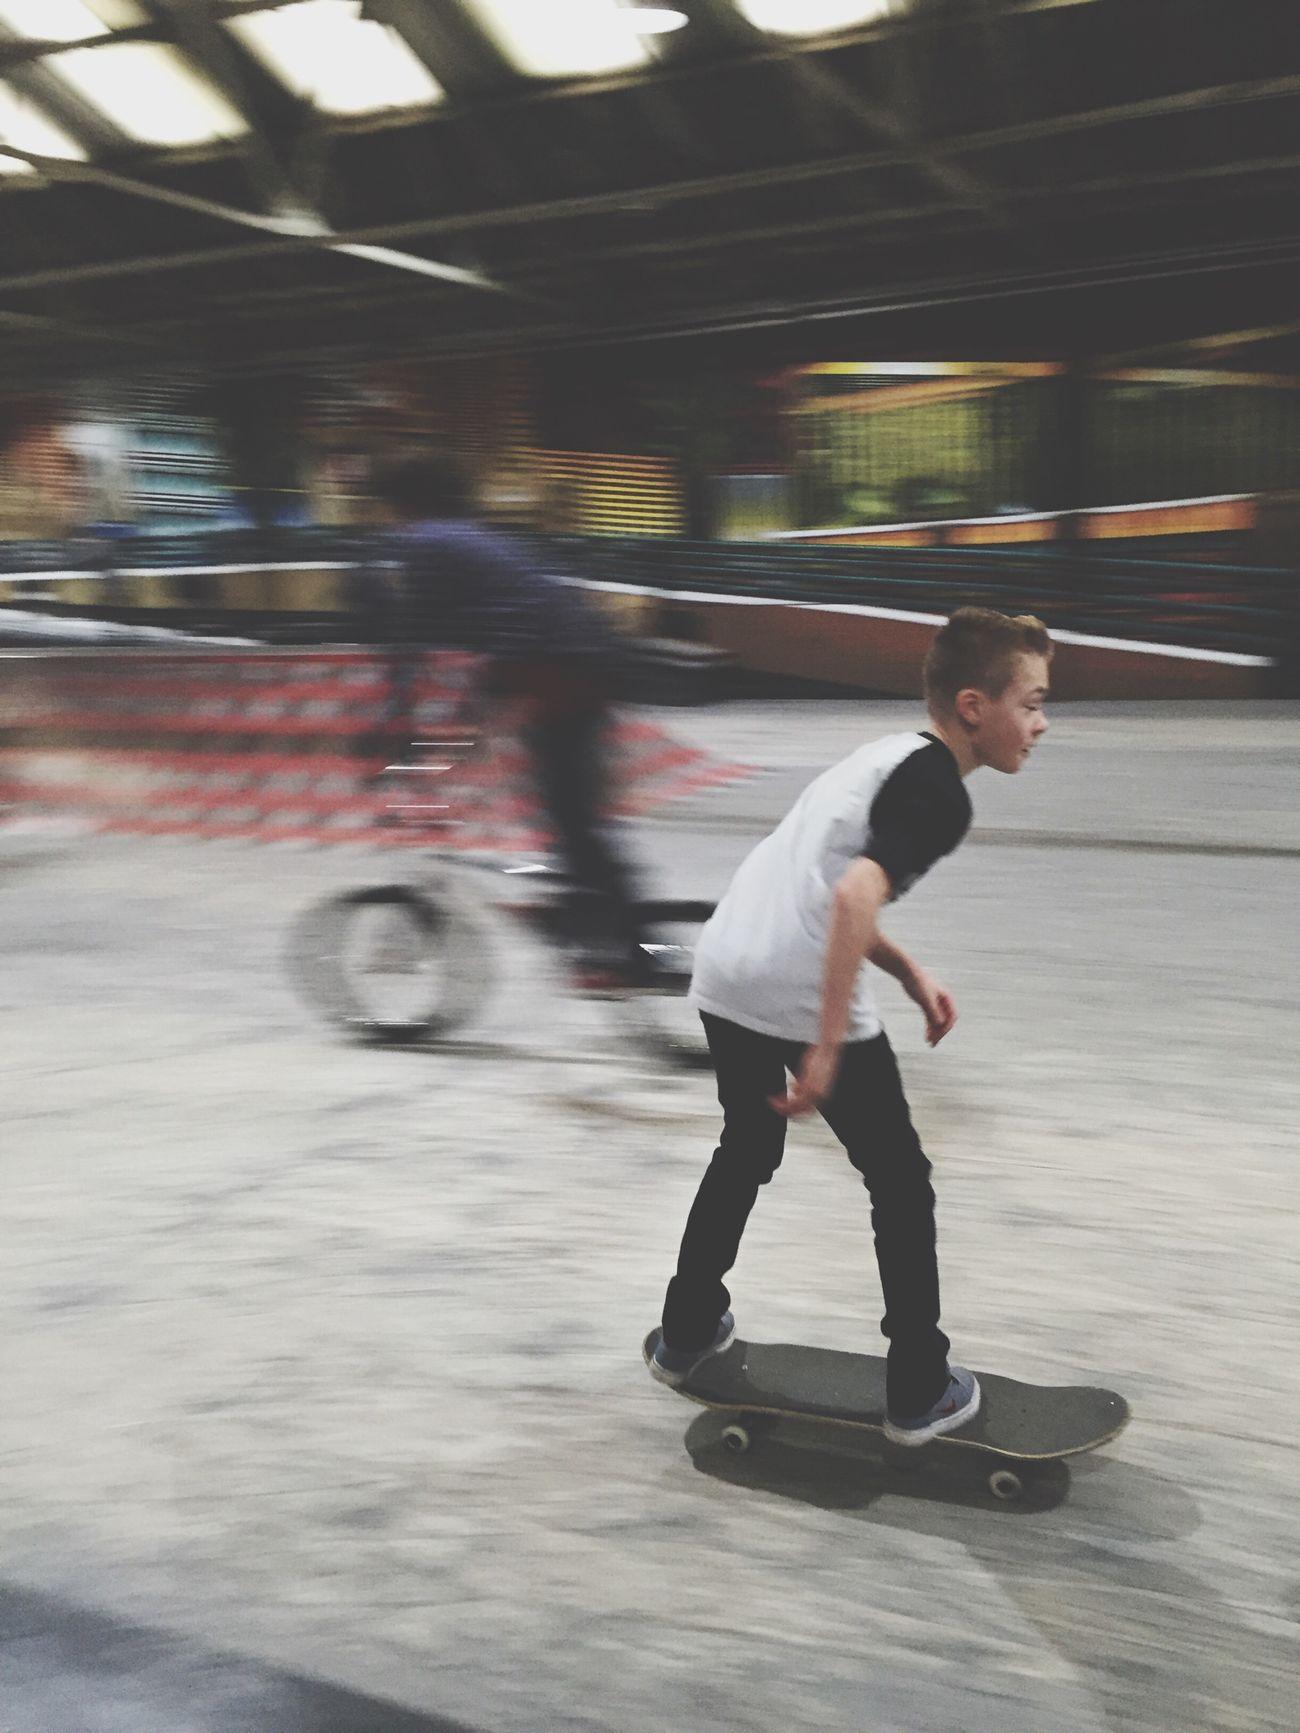 Northernboarders Vans Skate